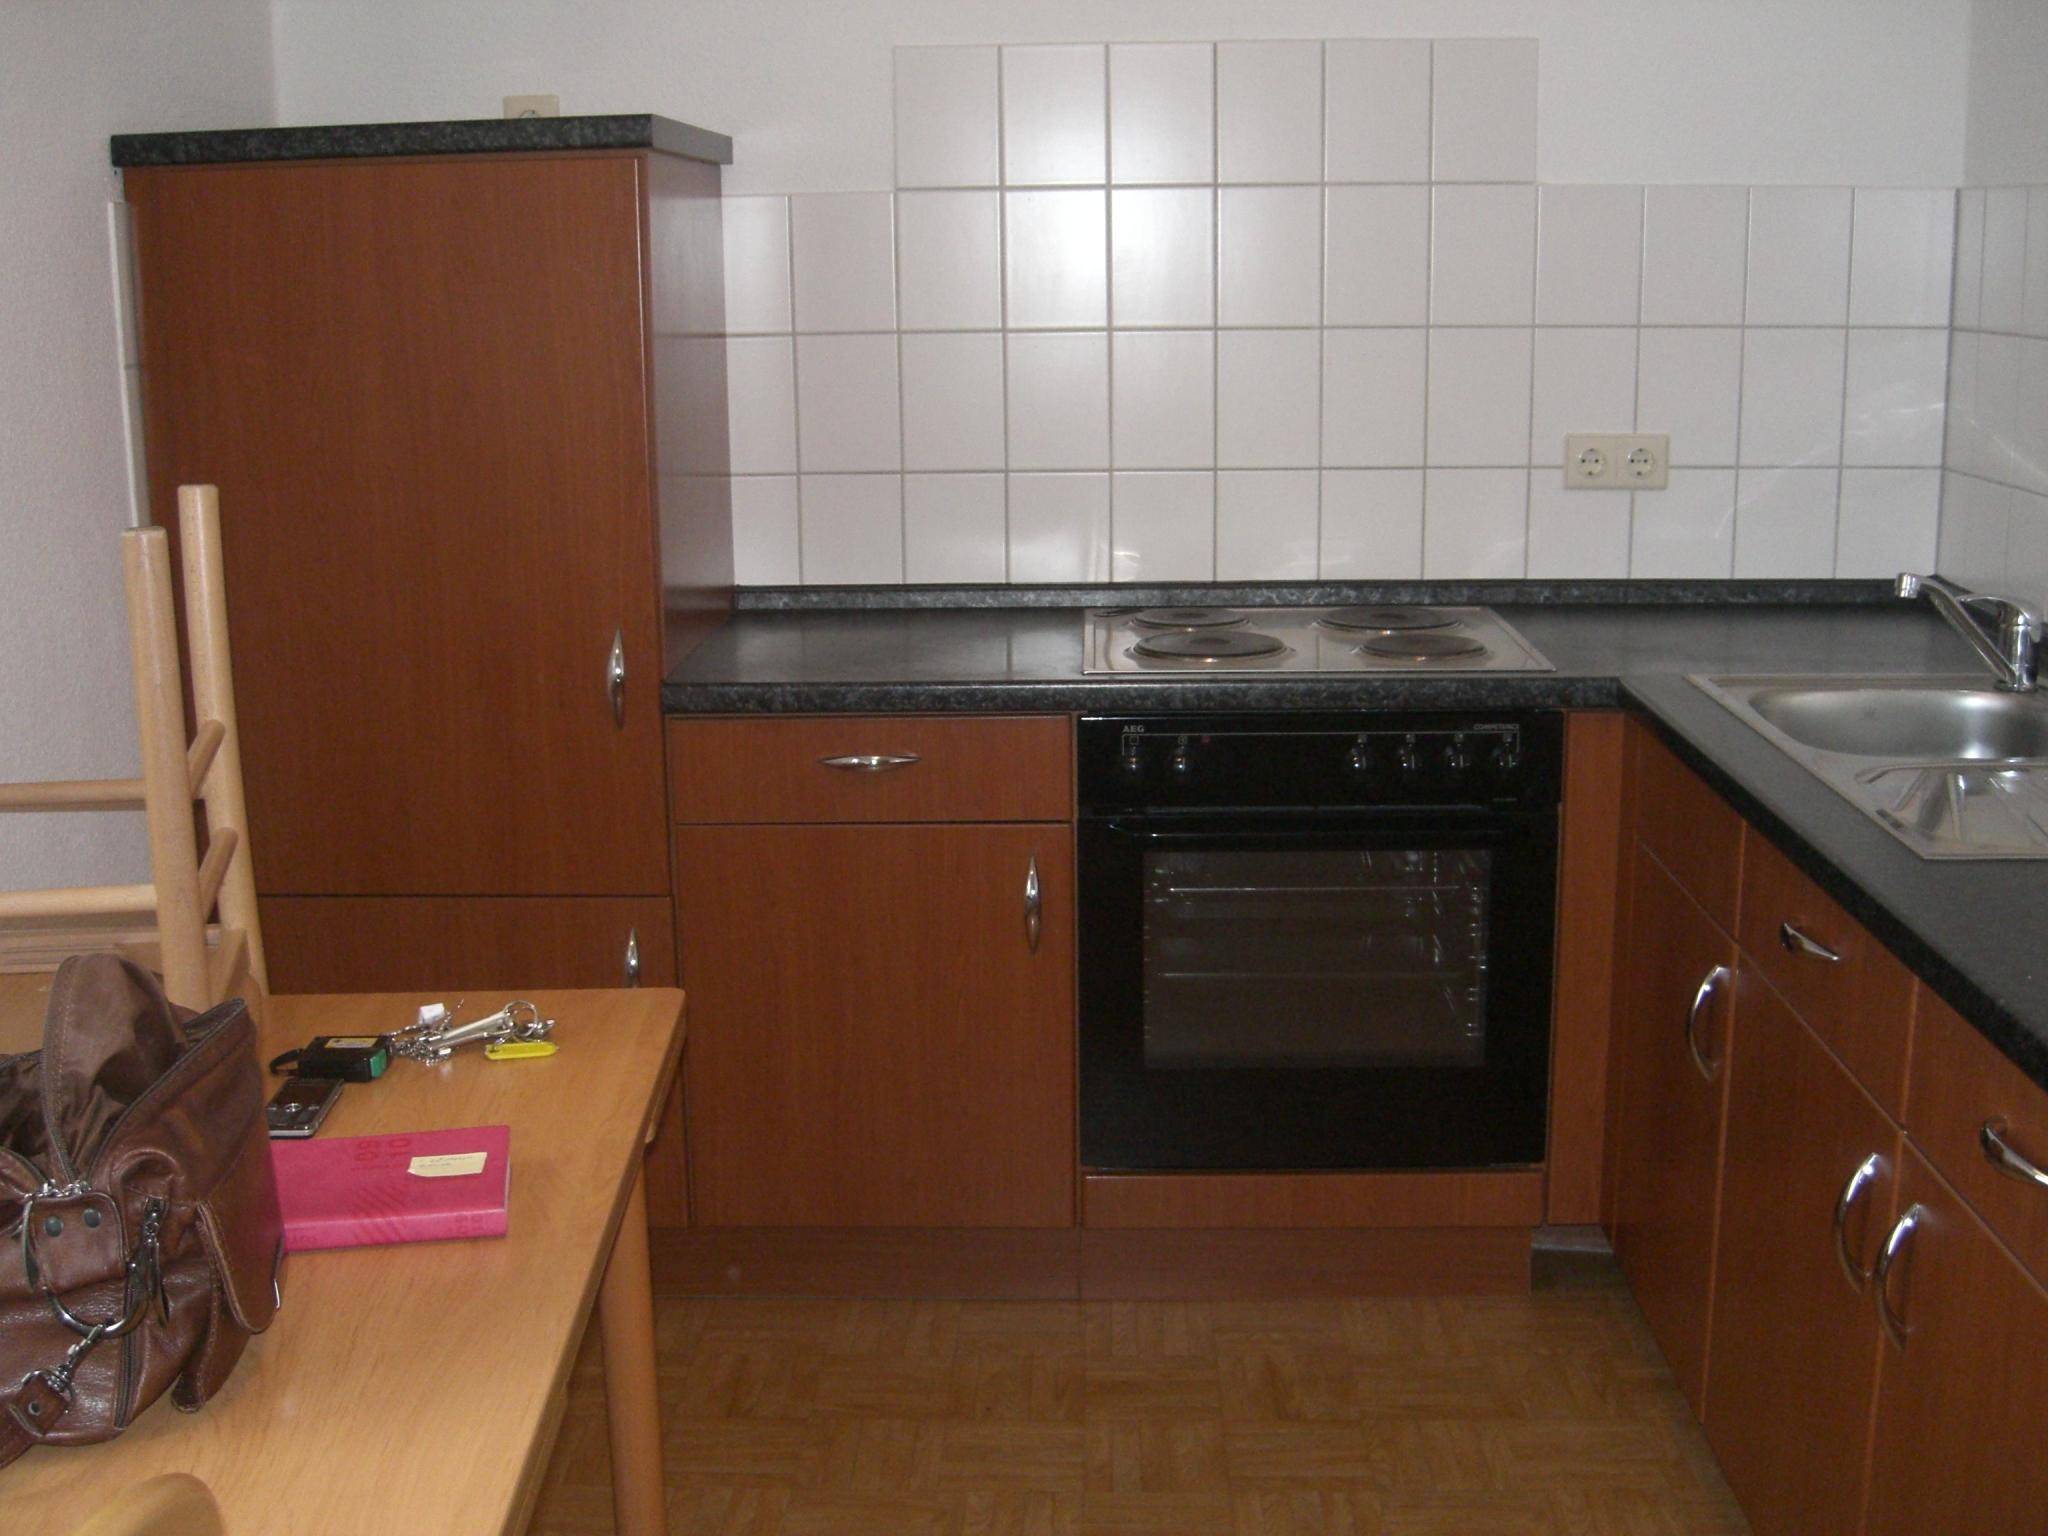 Kleinanzeigen Küchenzeilen, Anbauküchen - Seite 4